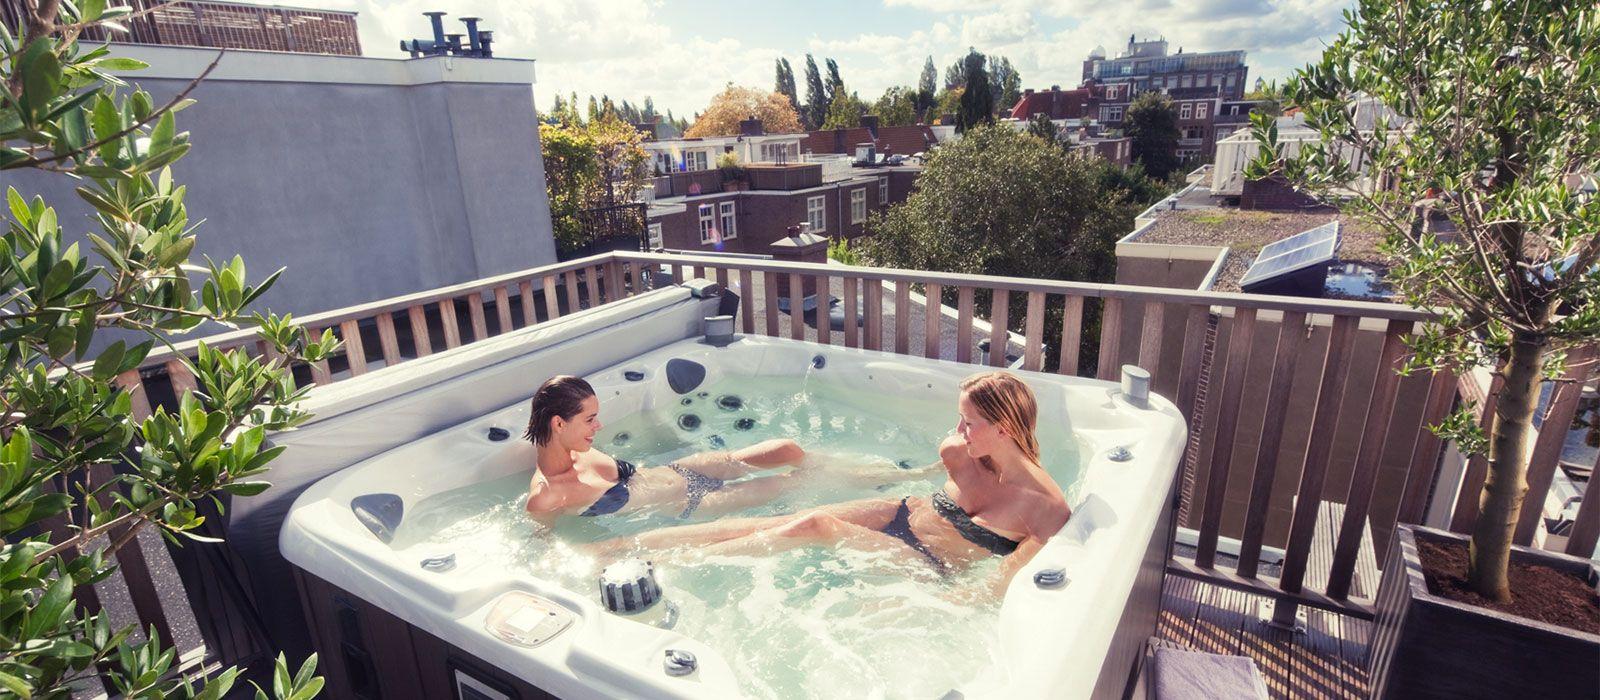 Verrassend Inspiratie   Indoor design, Rooftop terrace, Jacuzzi CV-77